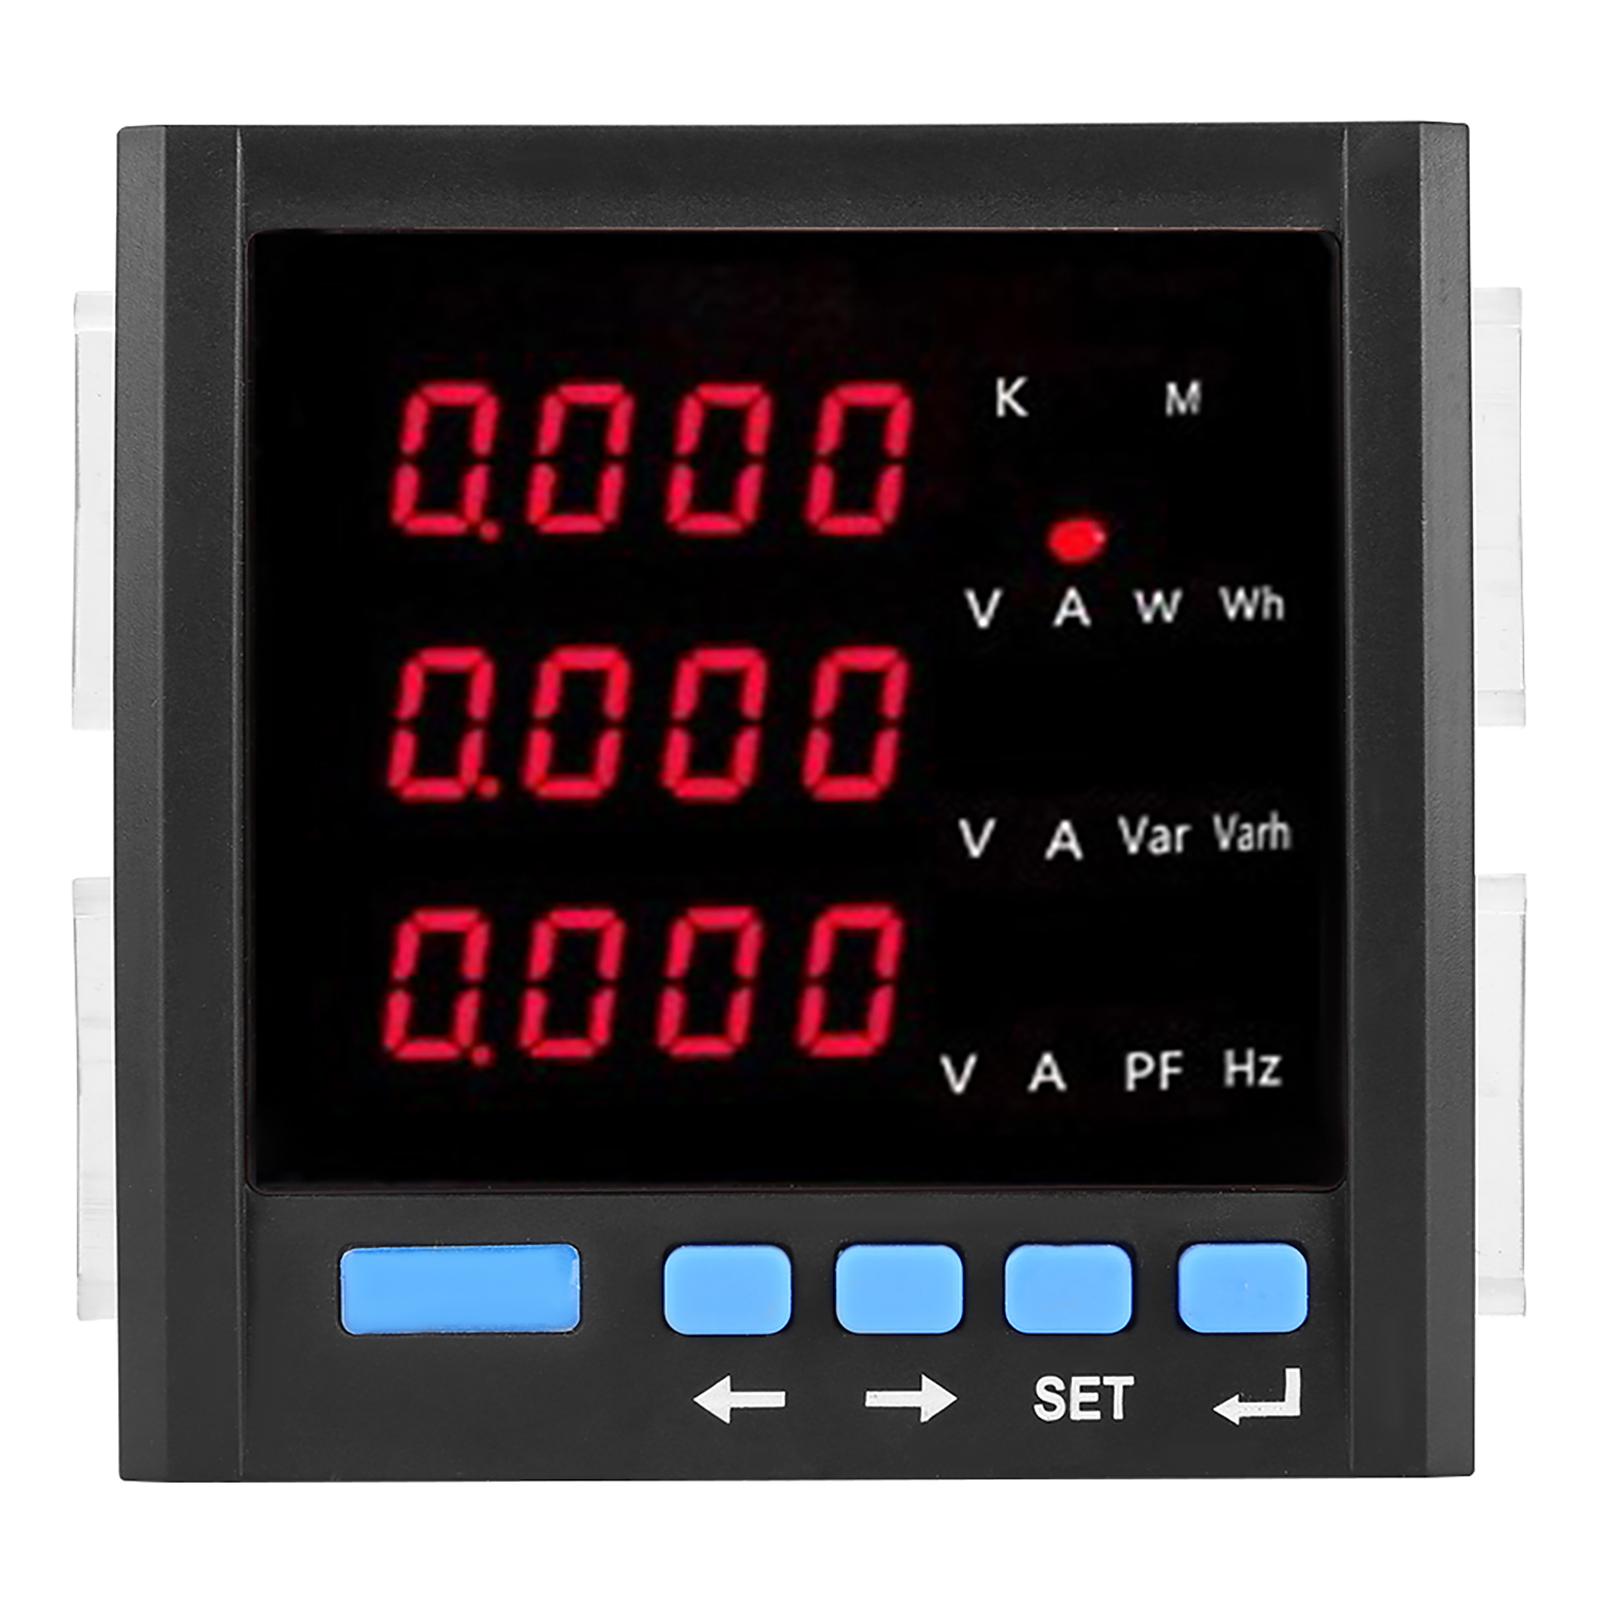 Voltm/ètre damp/èrem/ètre /à CA num/érique amp/èrem/ètre triphas/é programmable /à LED num/érique 1A//5A//10A Outils de test /électrique Voltm/ètre /à CA Noir